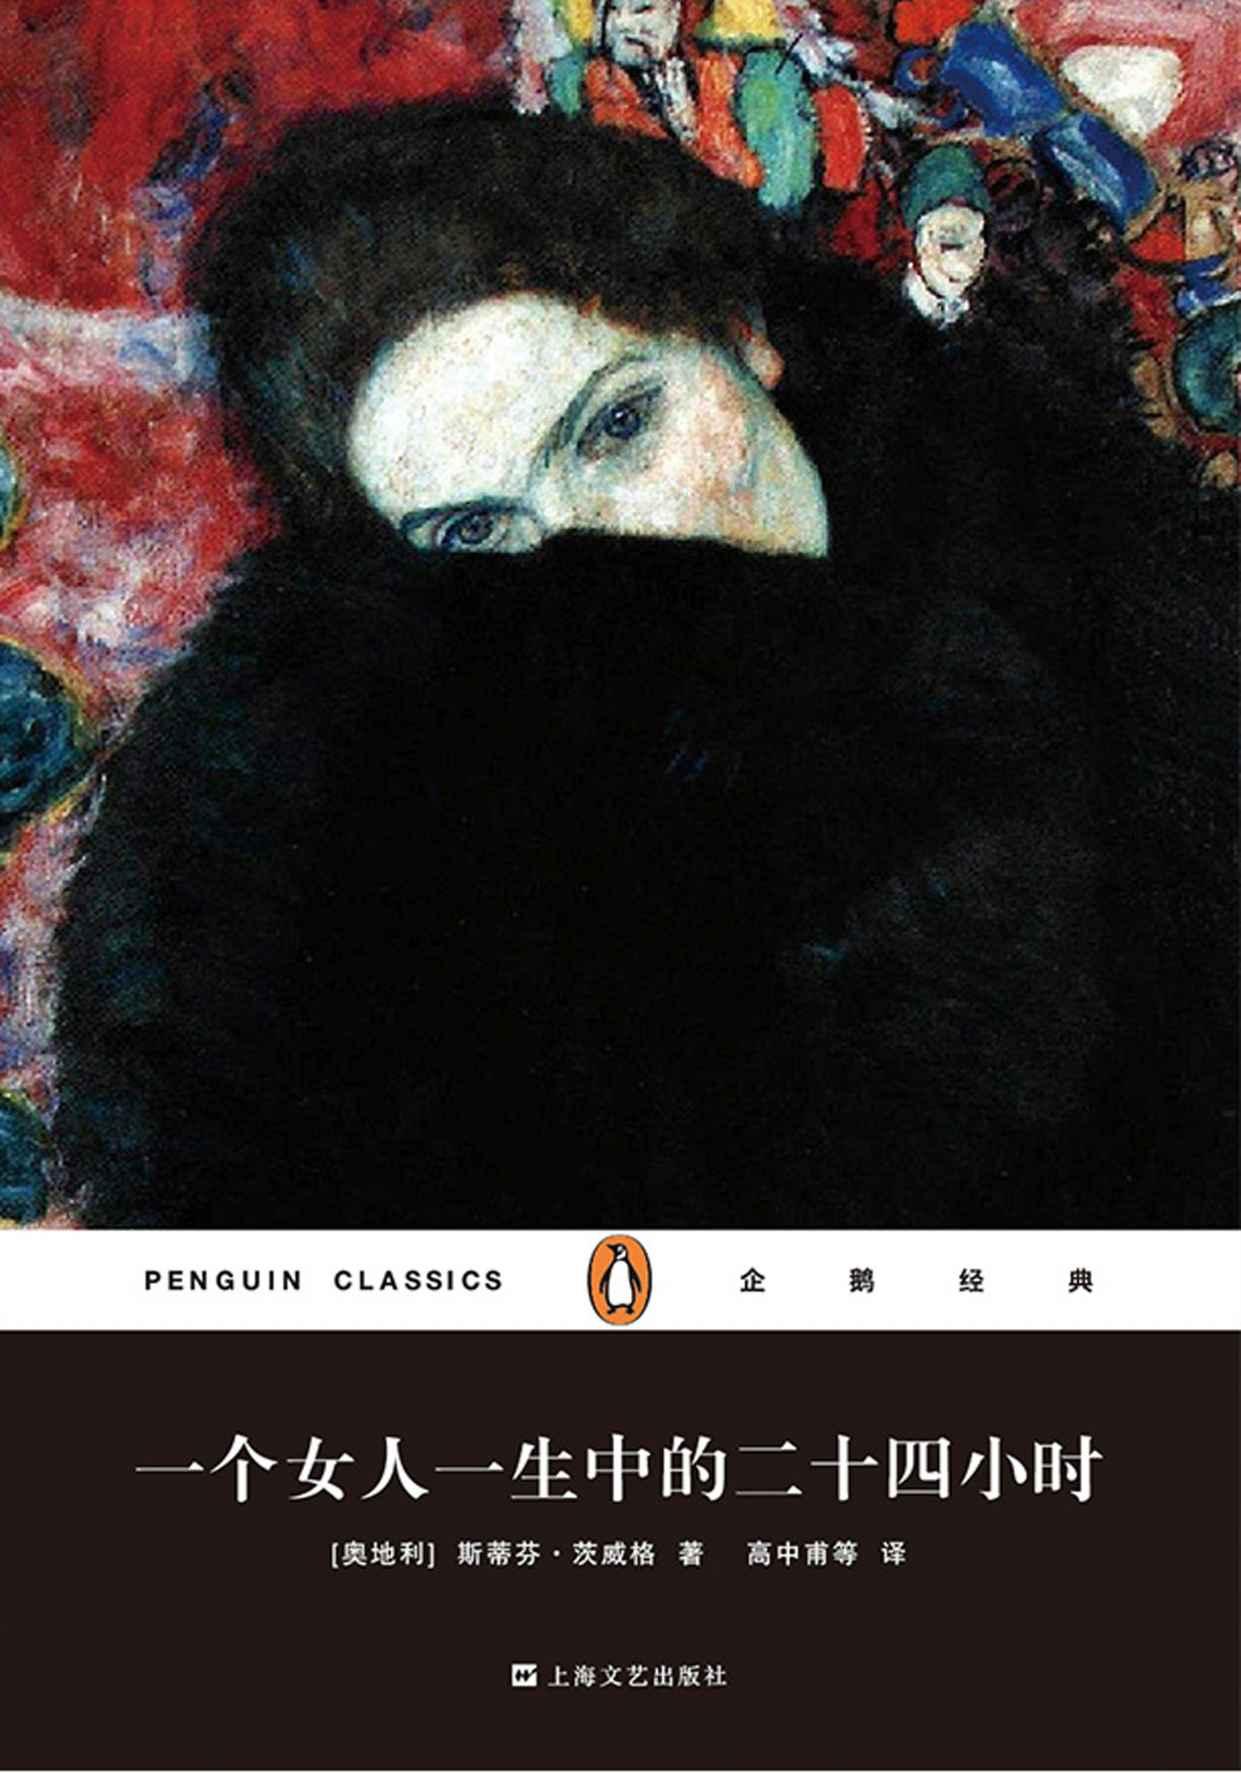 一个女人一生中的二十四小时(企鹅经典)